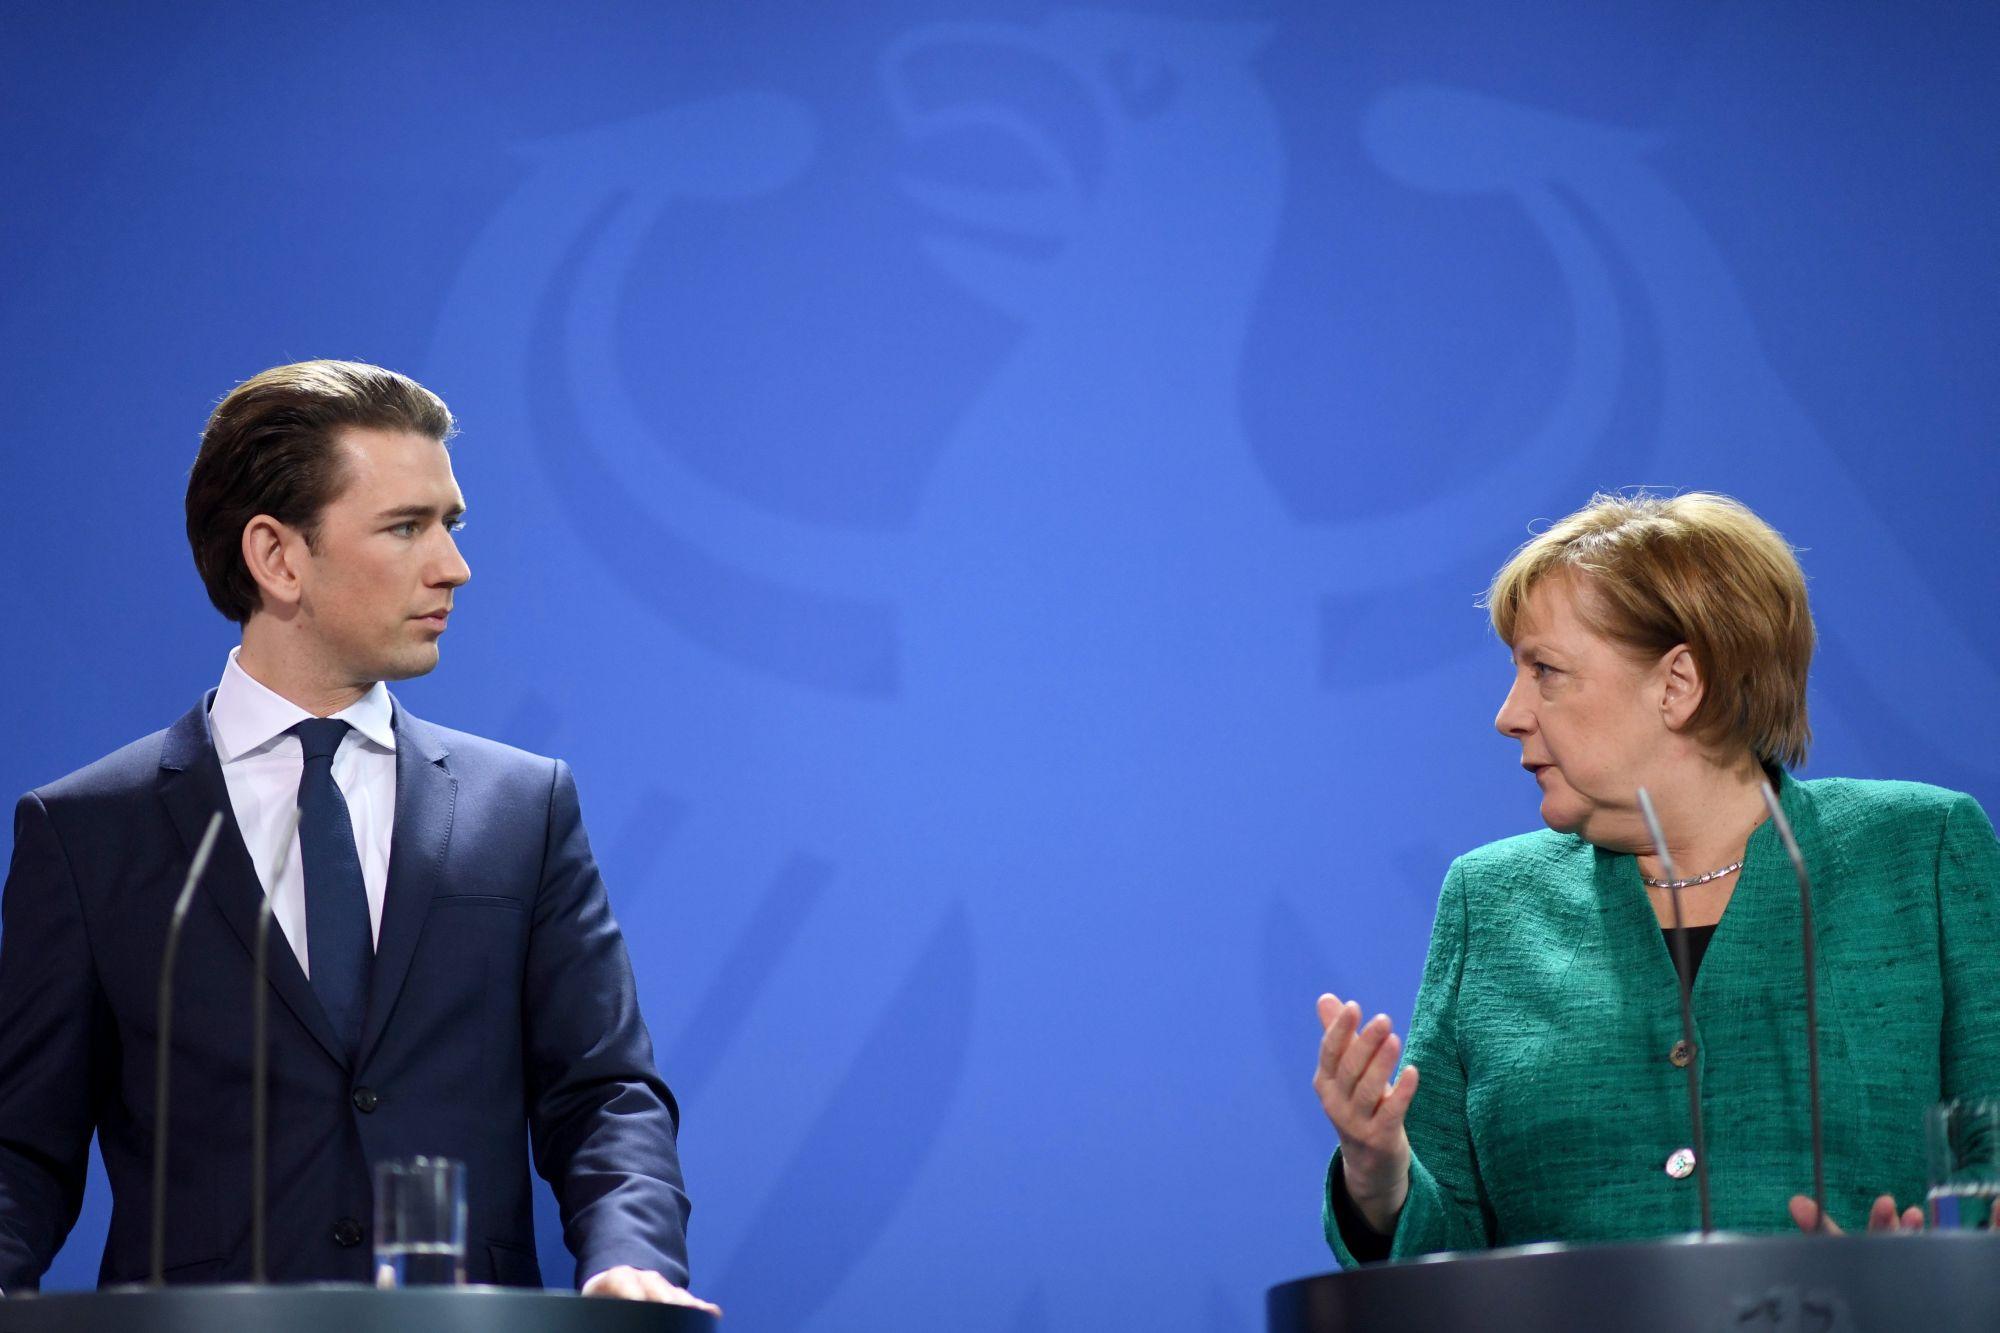 Angela Merkel német kancellár (j) és Sebastian Kurz osztrák kancellár sajtóértekezletet tart a berlini kancellári hivatalban 2018. január 17-én. (MTI/EPA/Clemens Bilan)